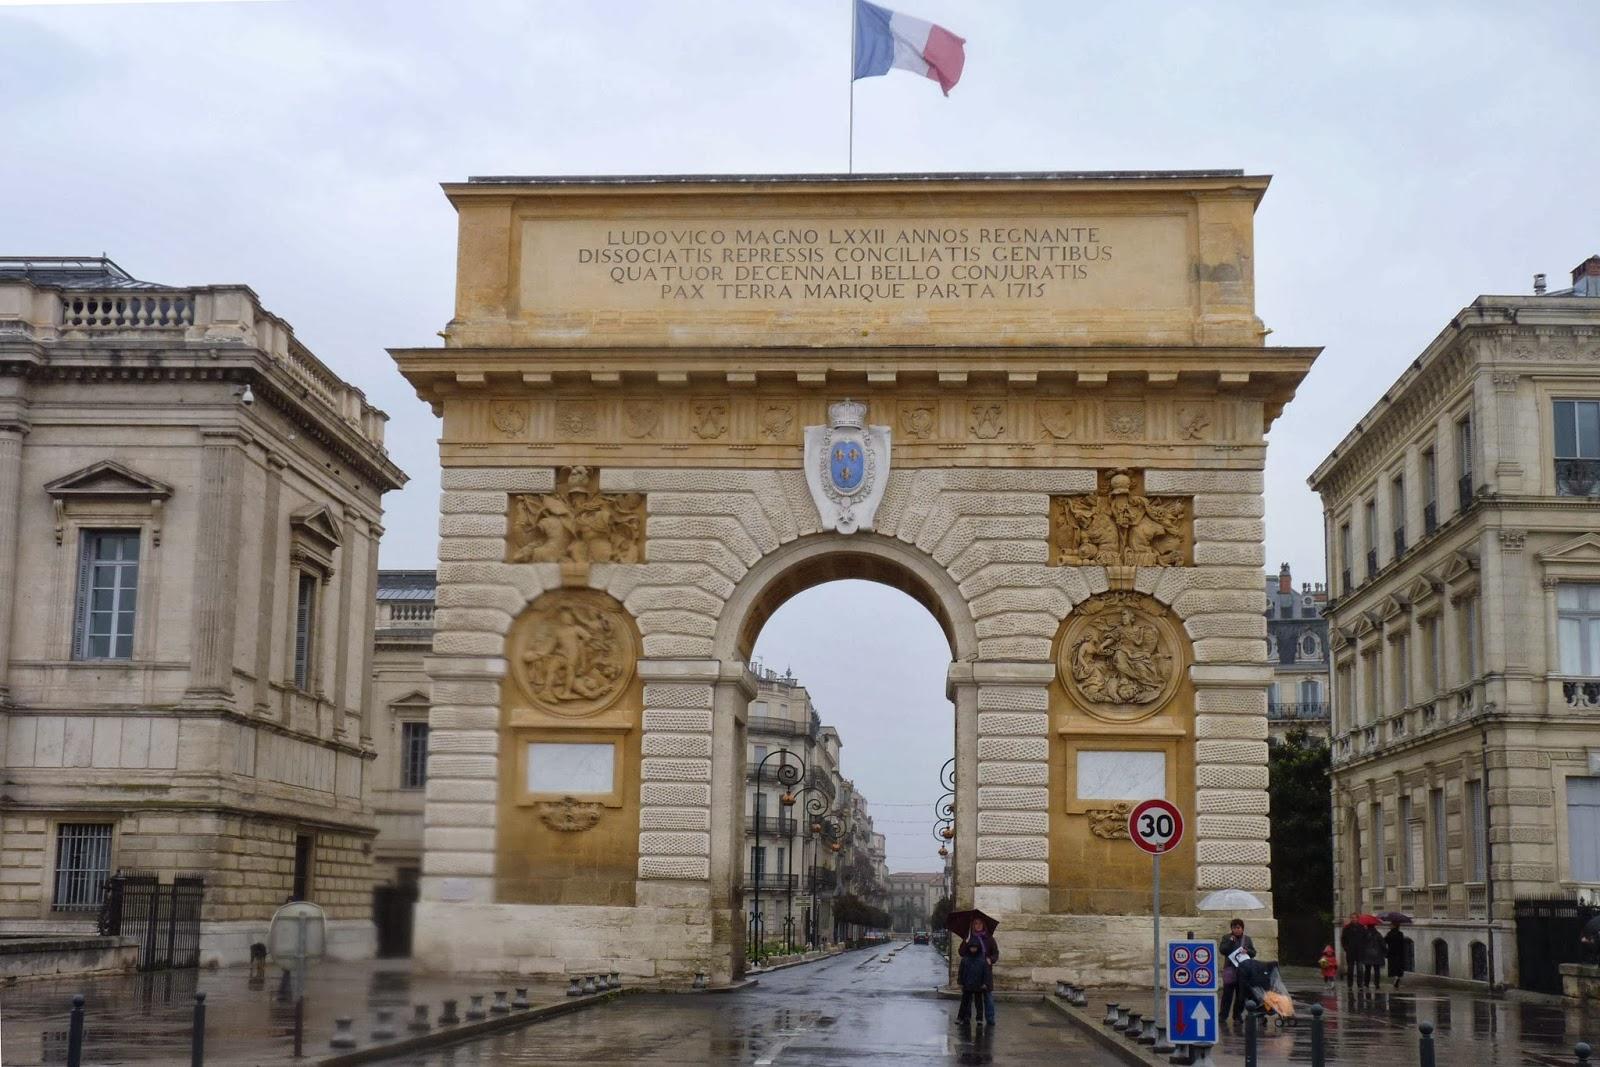 Arco de Triunfo de Montpellier.